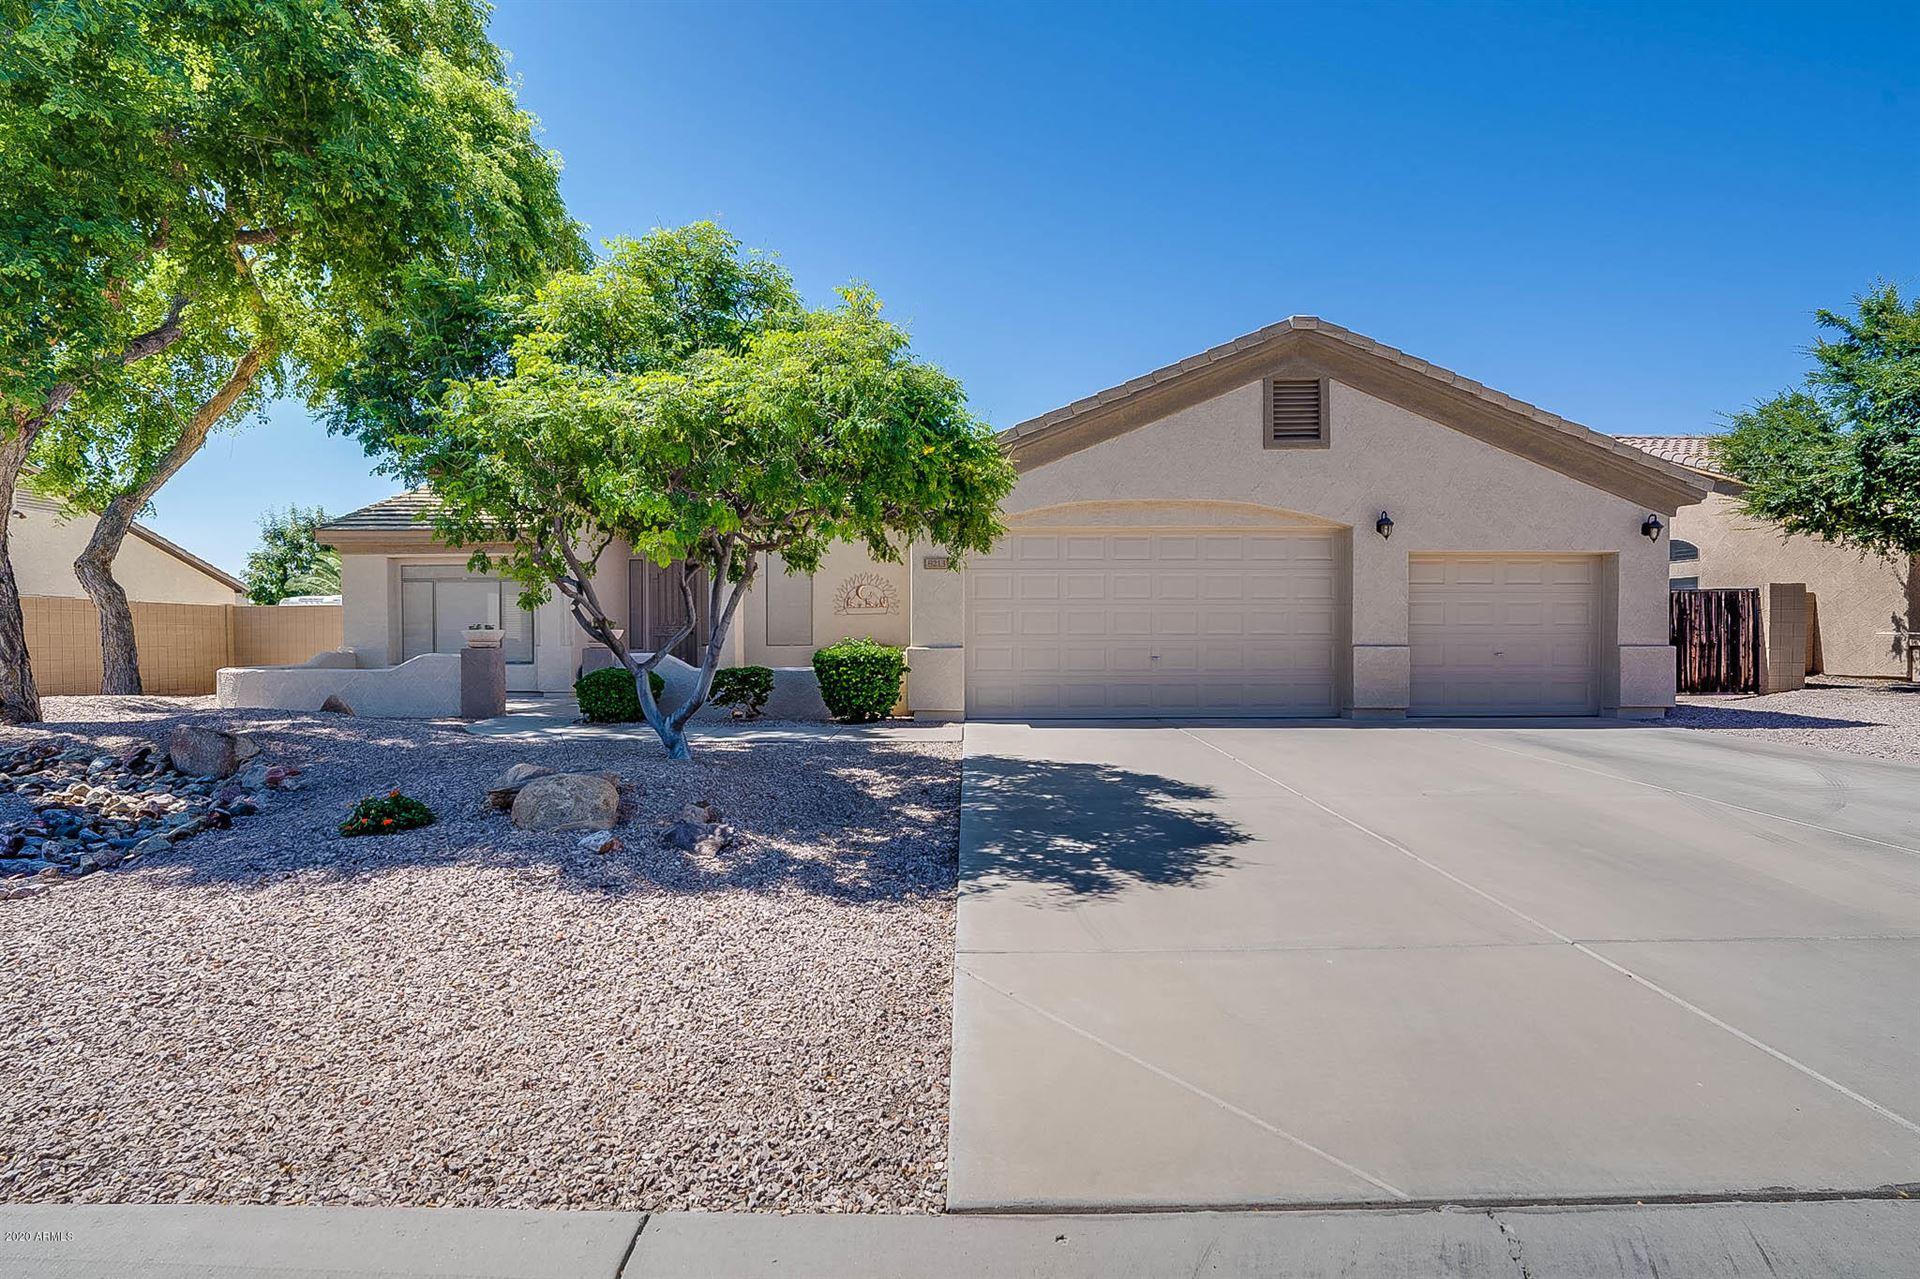 8213 W Mariposa Grande Lane, Peoria, AZ 85383 - #: 6084032